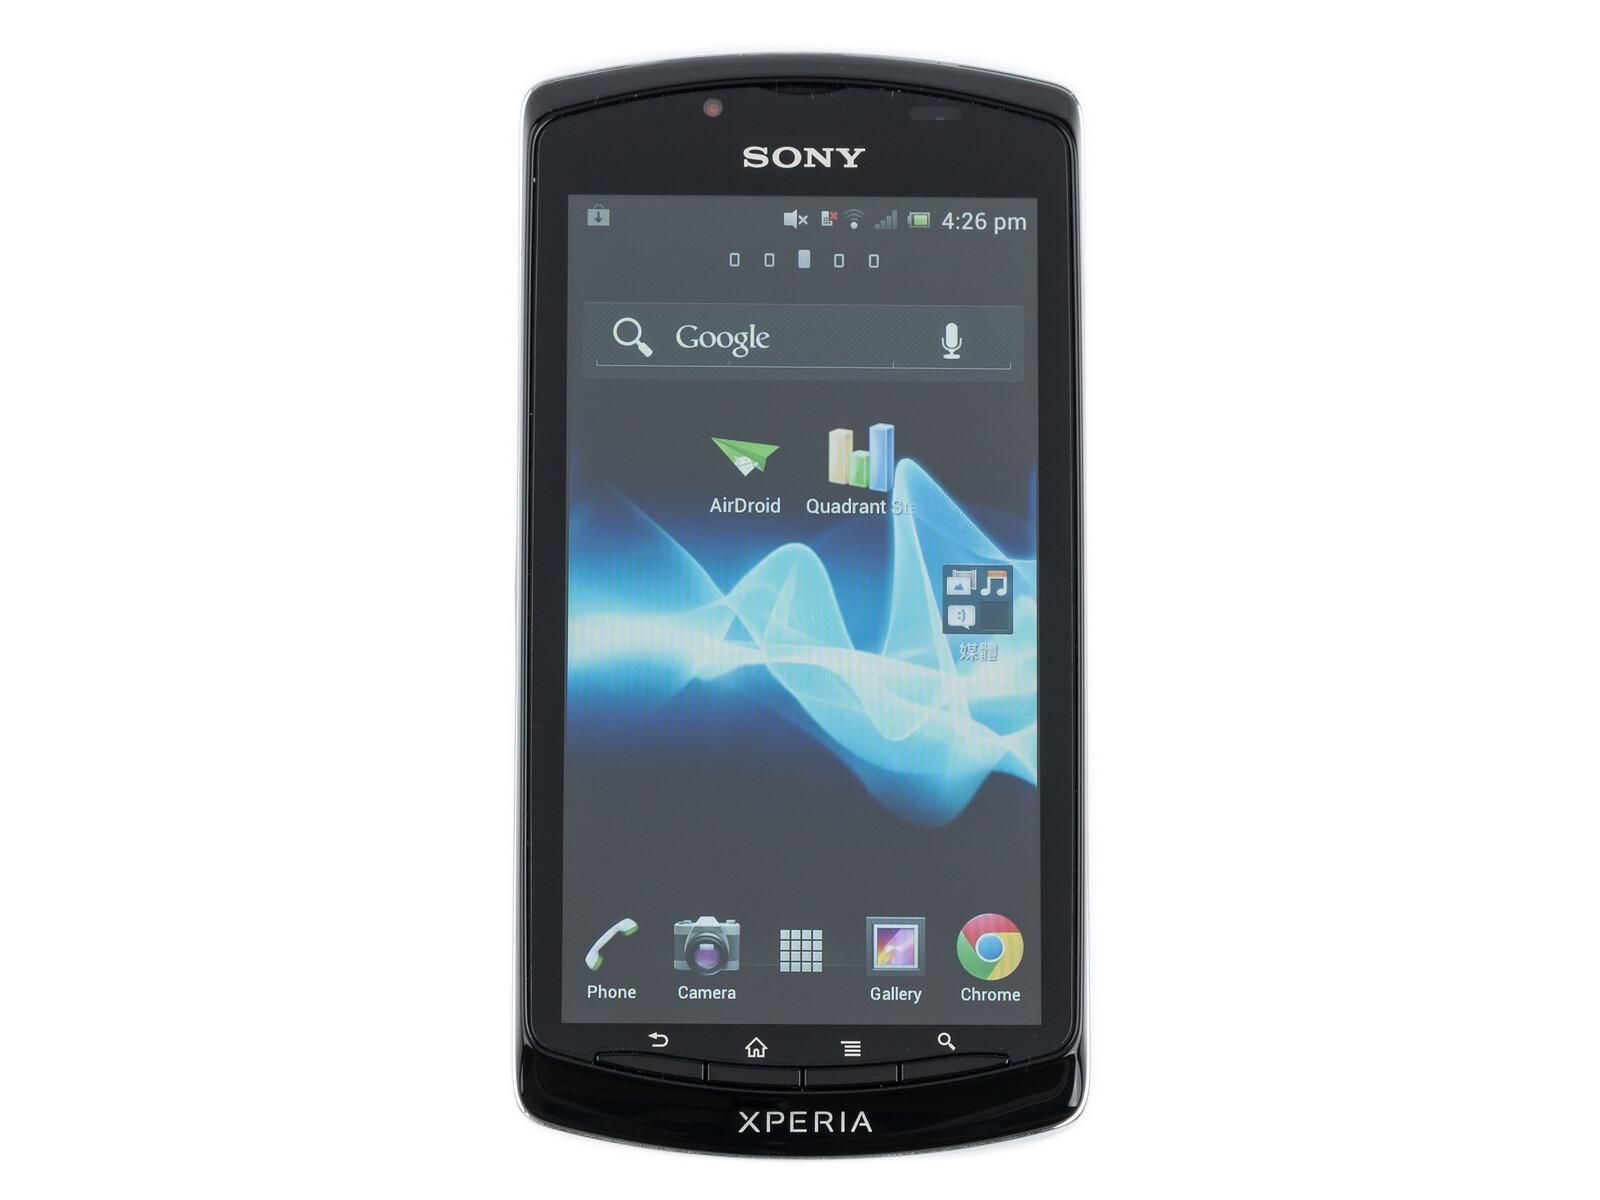 sony xperia neo l photos rh phonearena com Sony Ericsson Xperia Play Sony Ericsson Xperia Mini